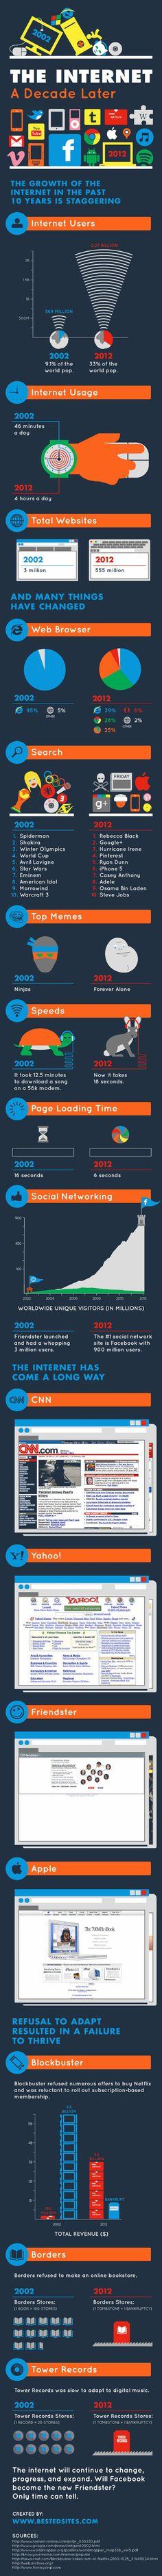 infográfico: a evolução da internet em 10 anos